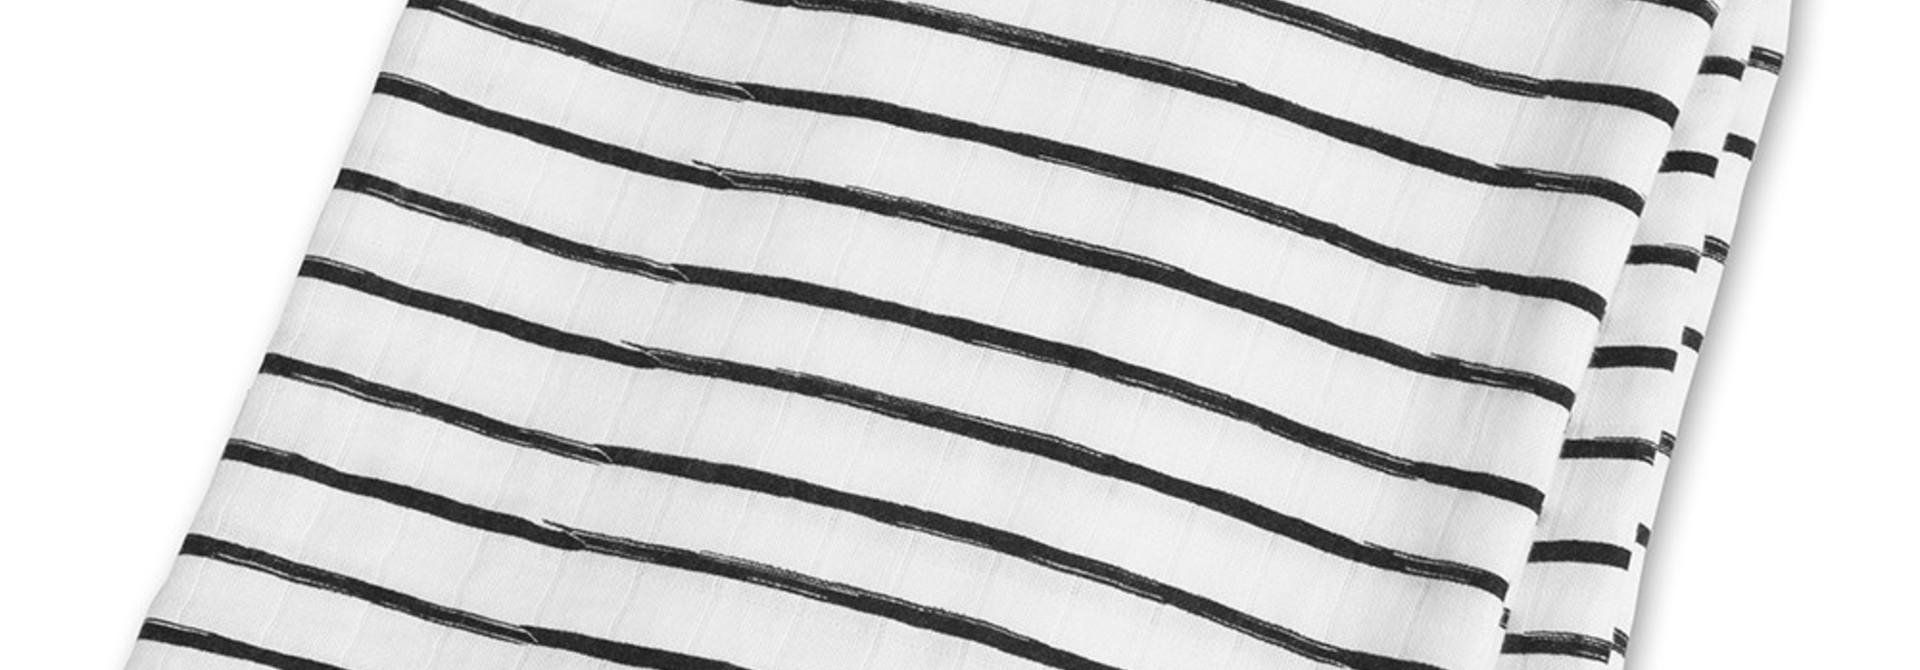 Mousseline en bambou Moderne - Lignes